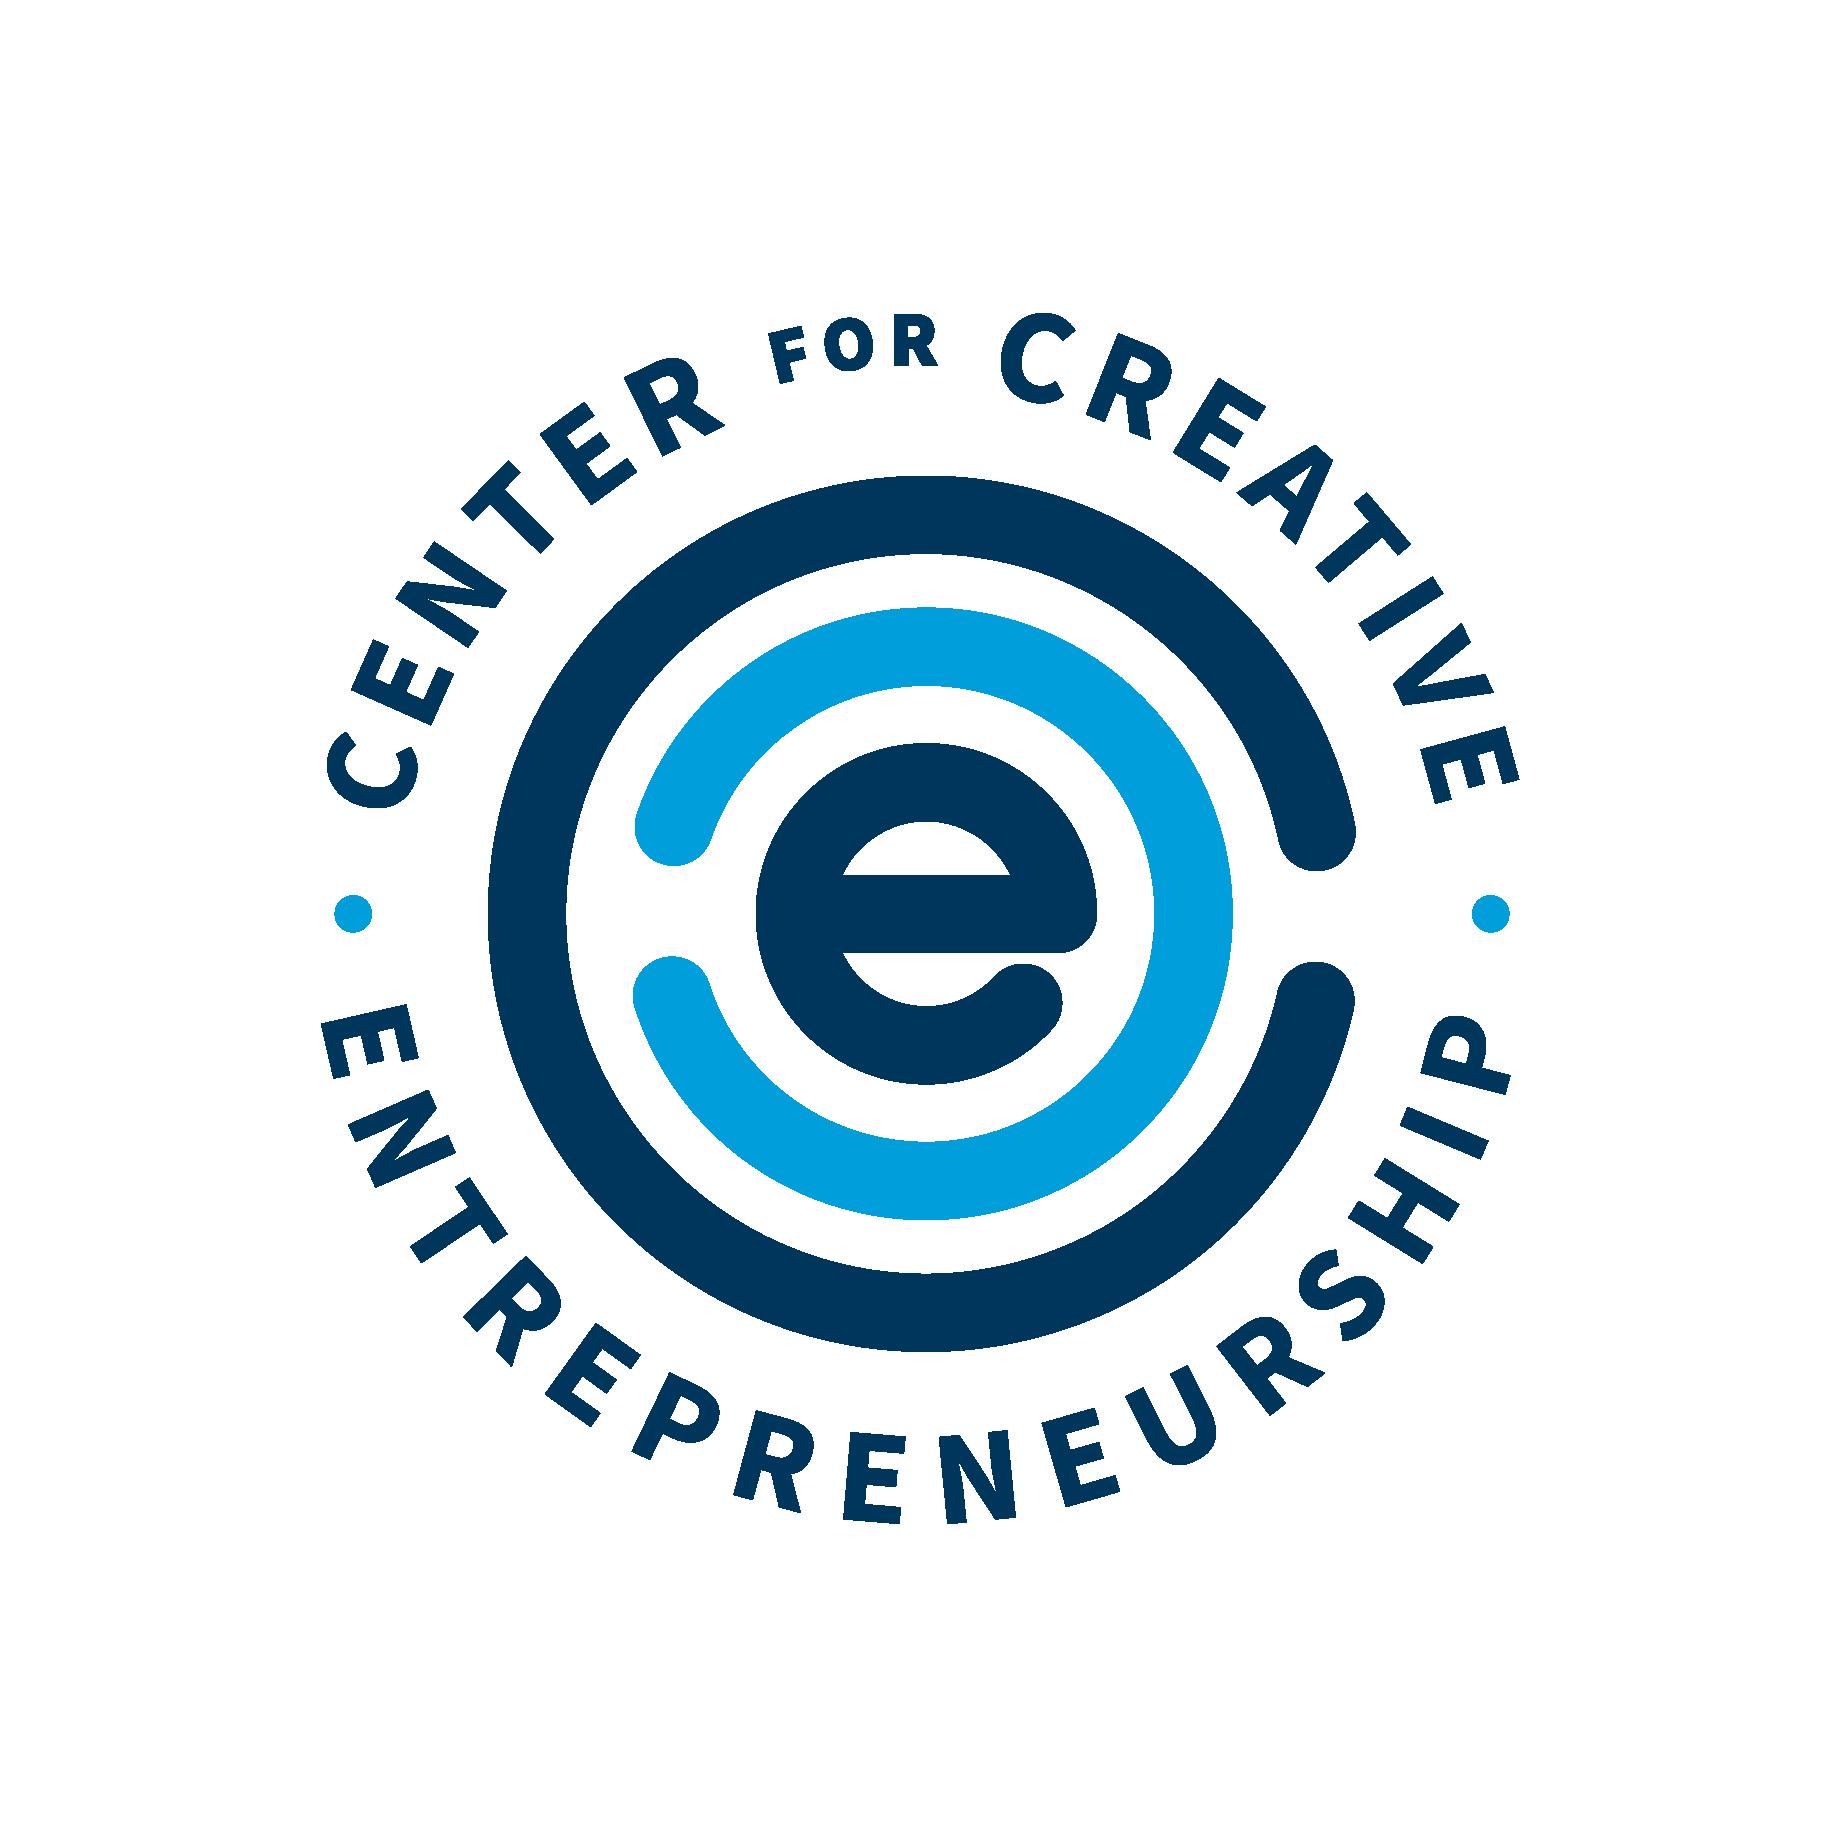 Center for Creative Entrepreneurship